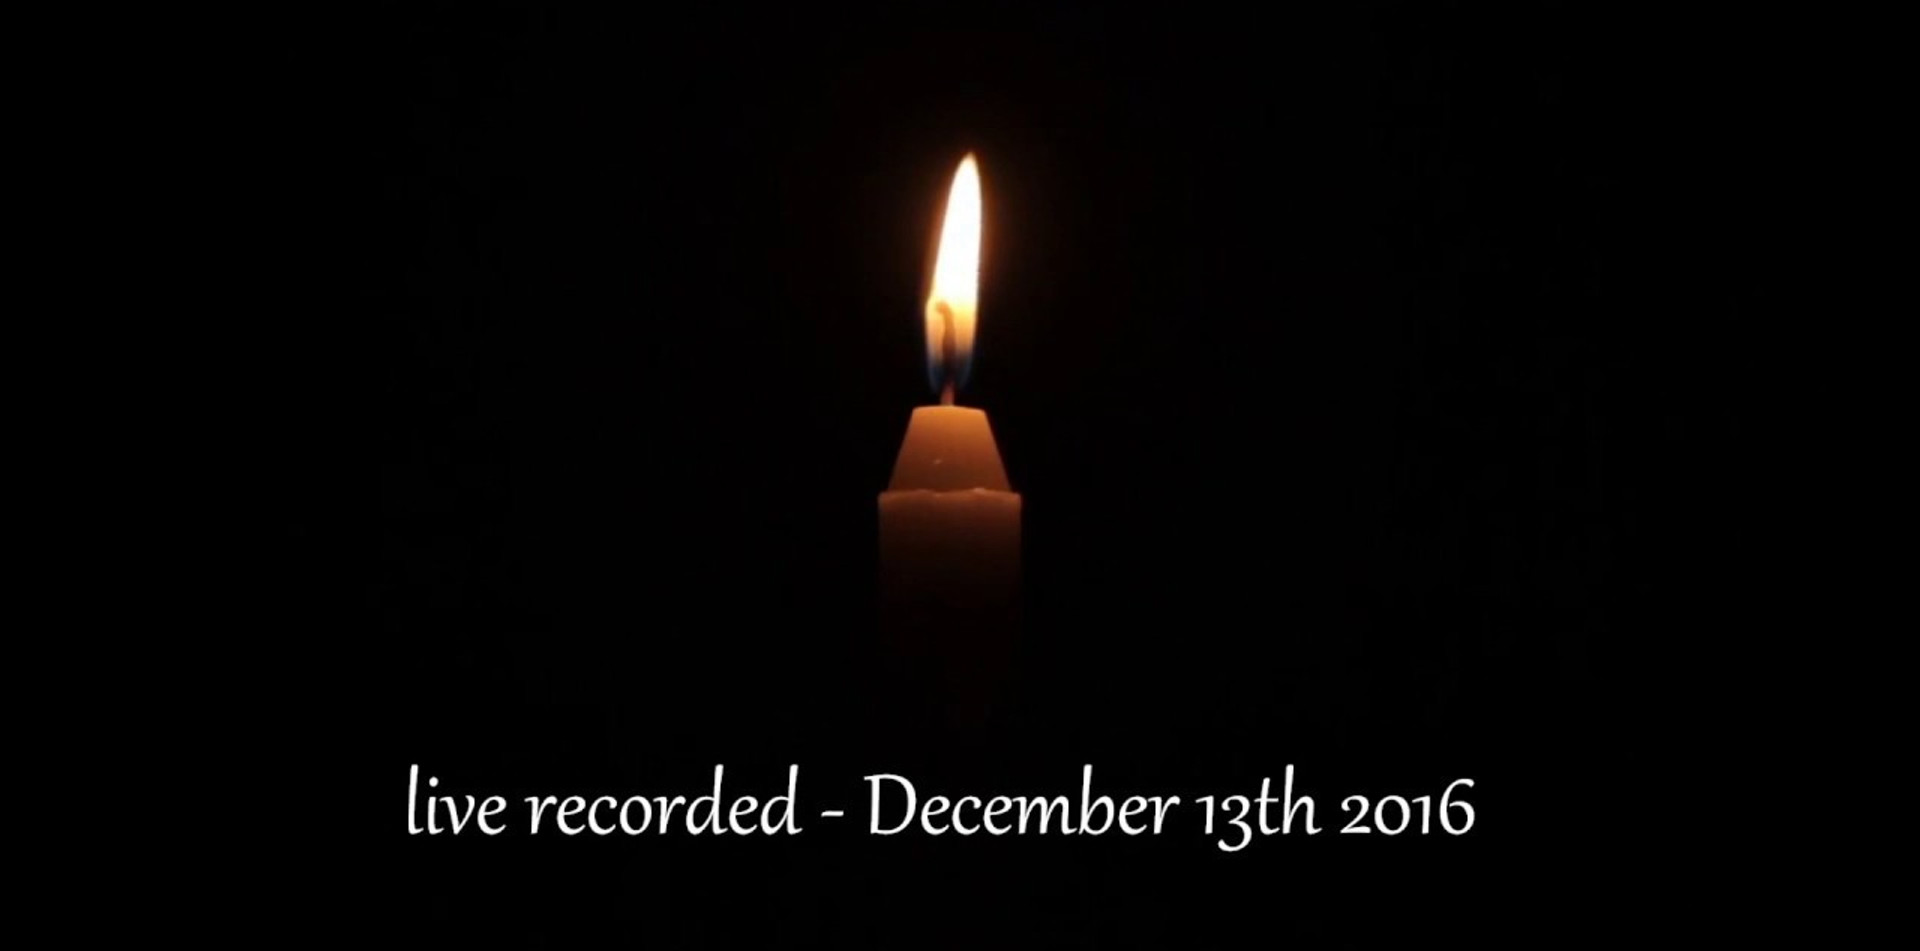 A Christmas Carol (2016) recording